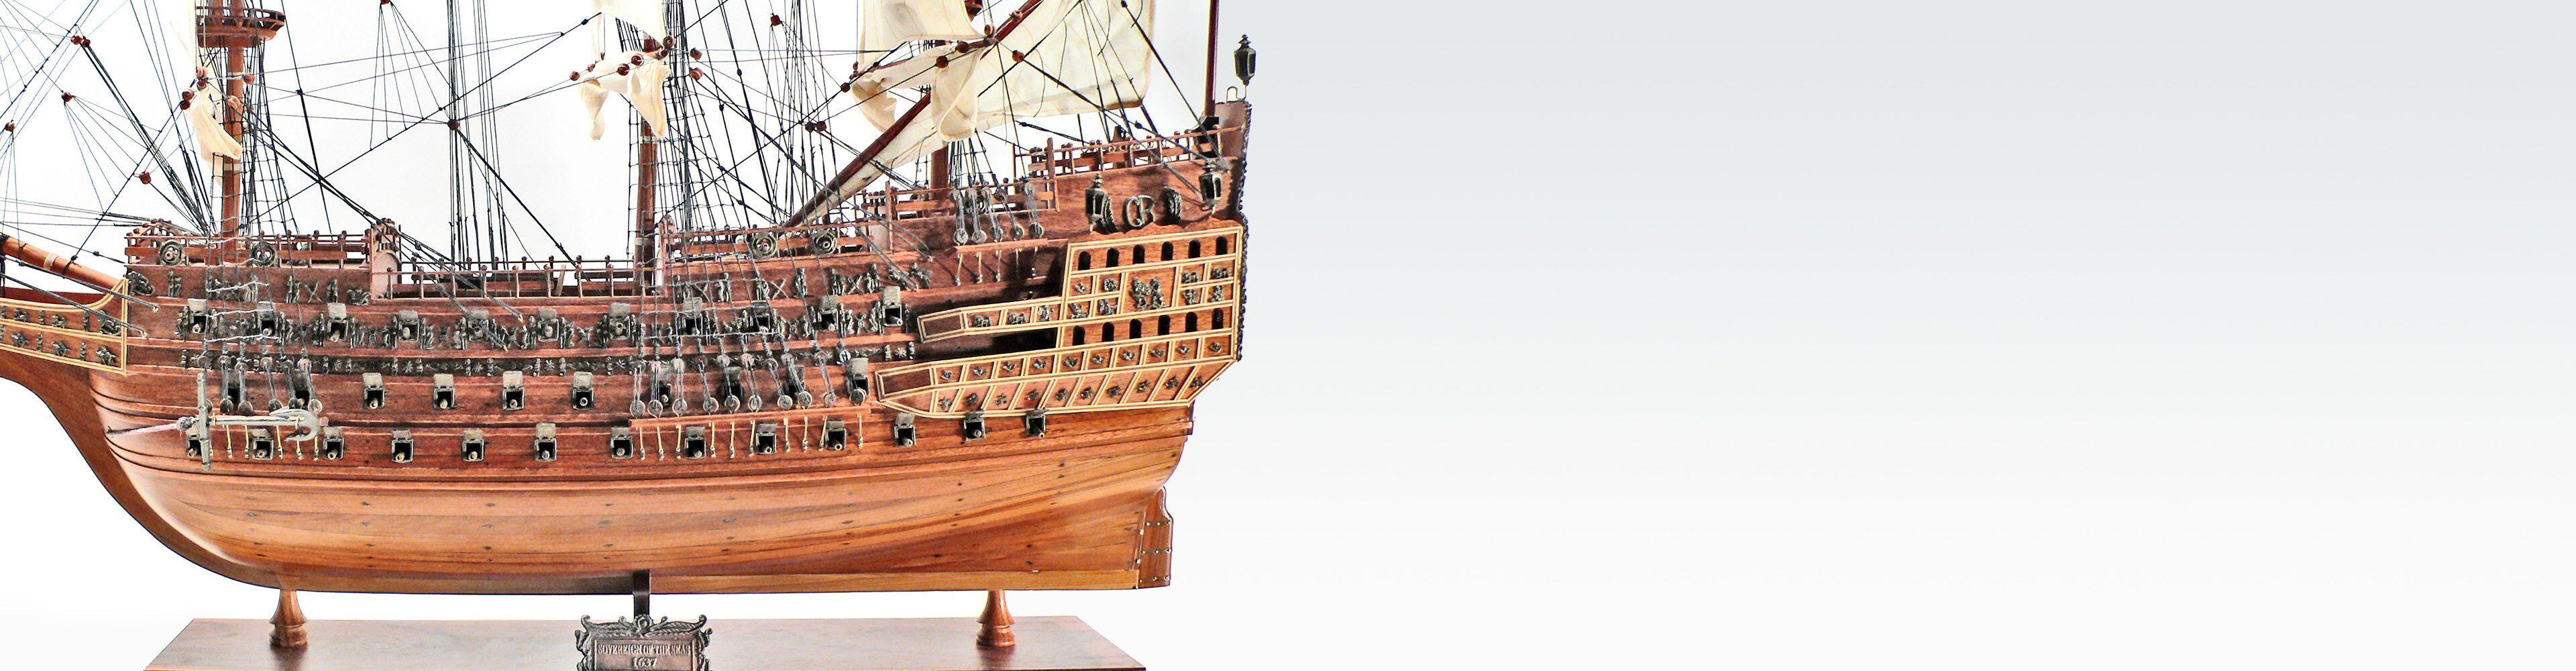 Wunderschöne, handgefertigte historische Schiffsmodelle aus Holz